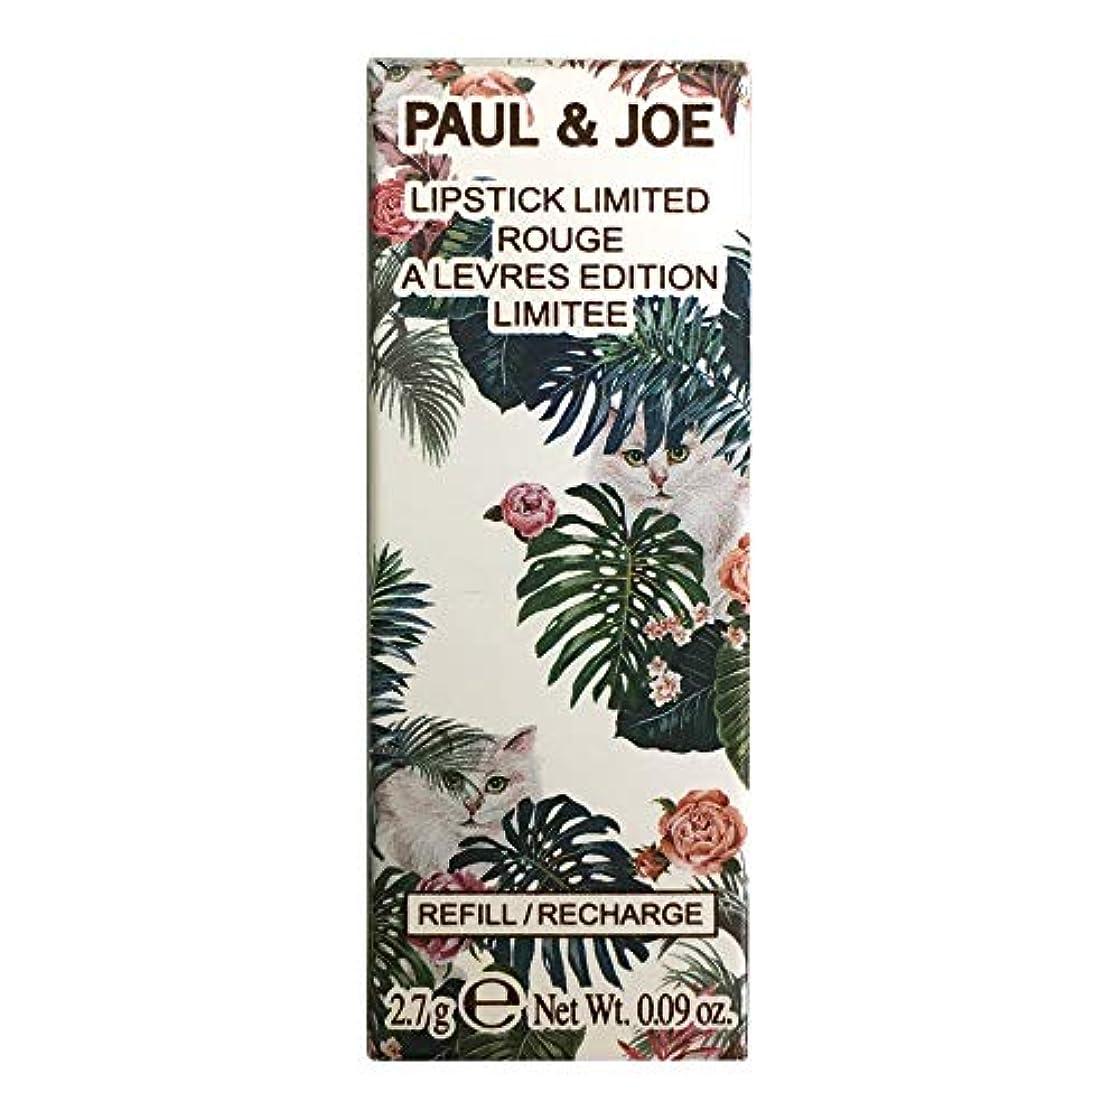 解明虫を数えるモスクポール & ジョー/PAUL & JOE リップスティック リミテッド #006(レフィル) (限定) [ 口紅 ] [並行輸入品]